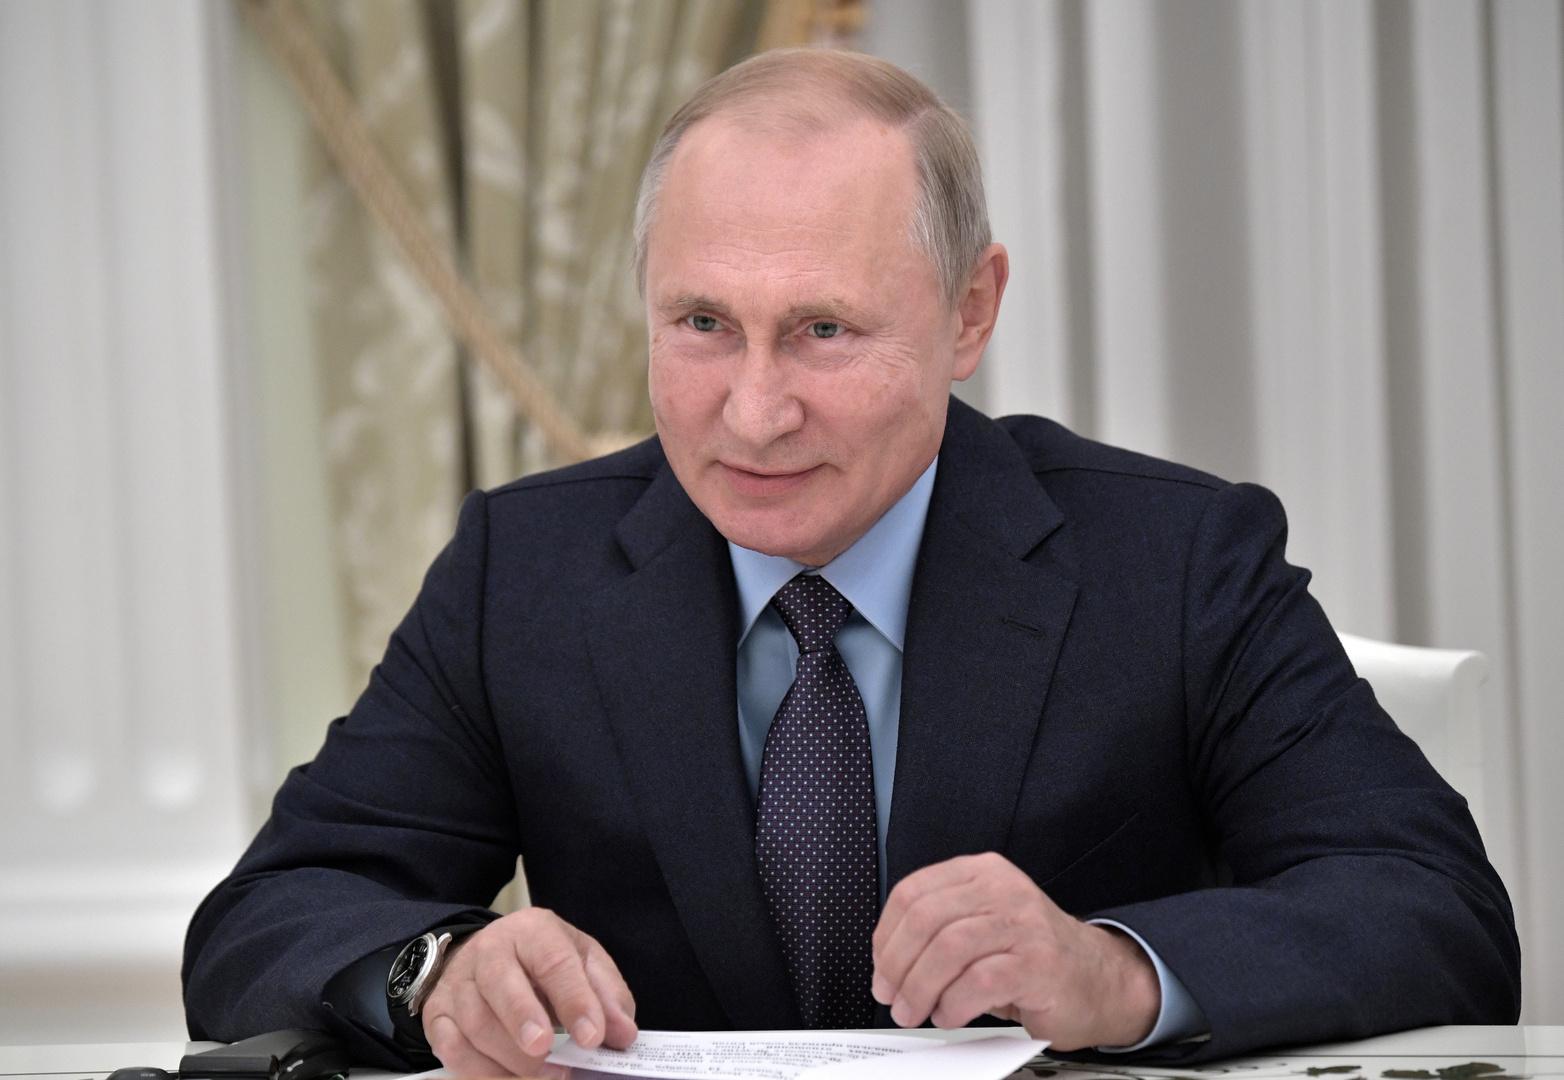 بوتين لمن ينتظرون زوال روسيا: أهم شيء ألّا نصاب بالزكام في جنائزكم